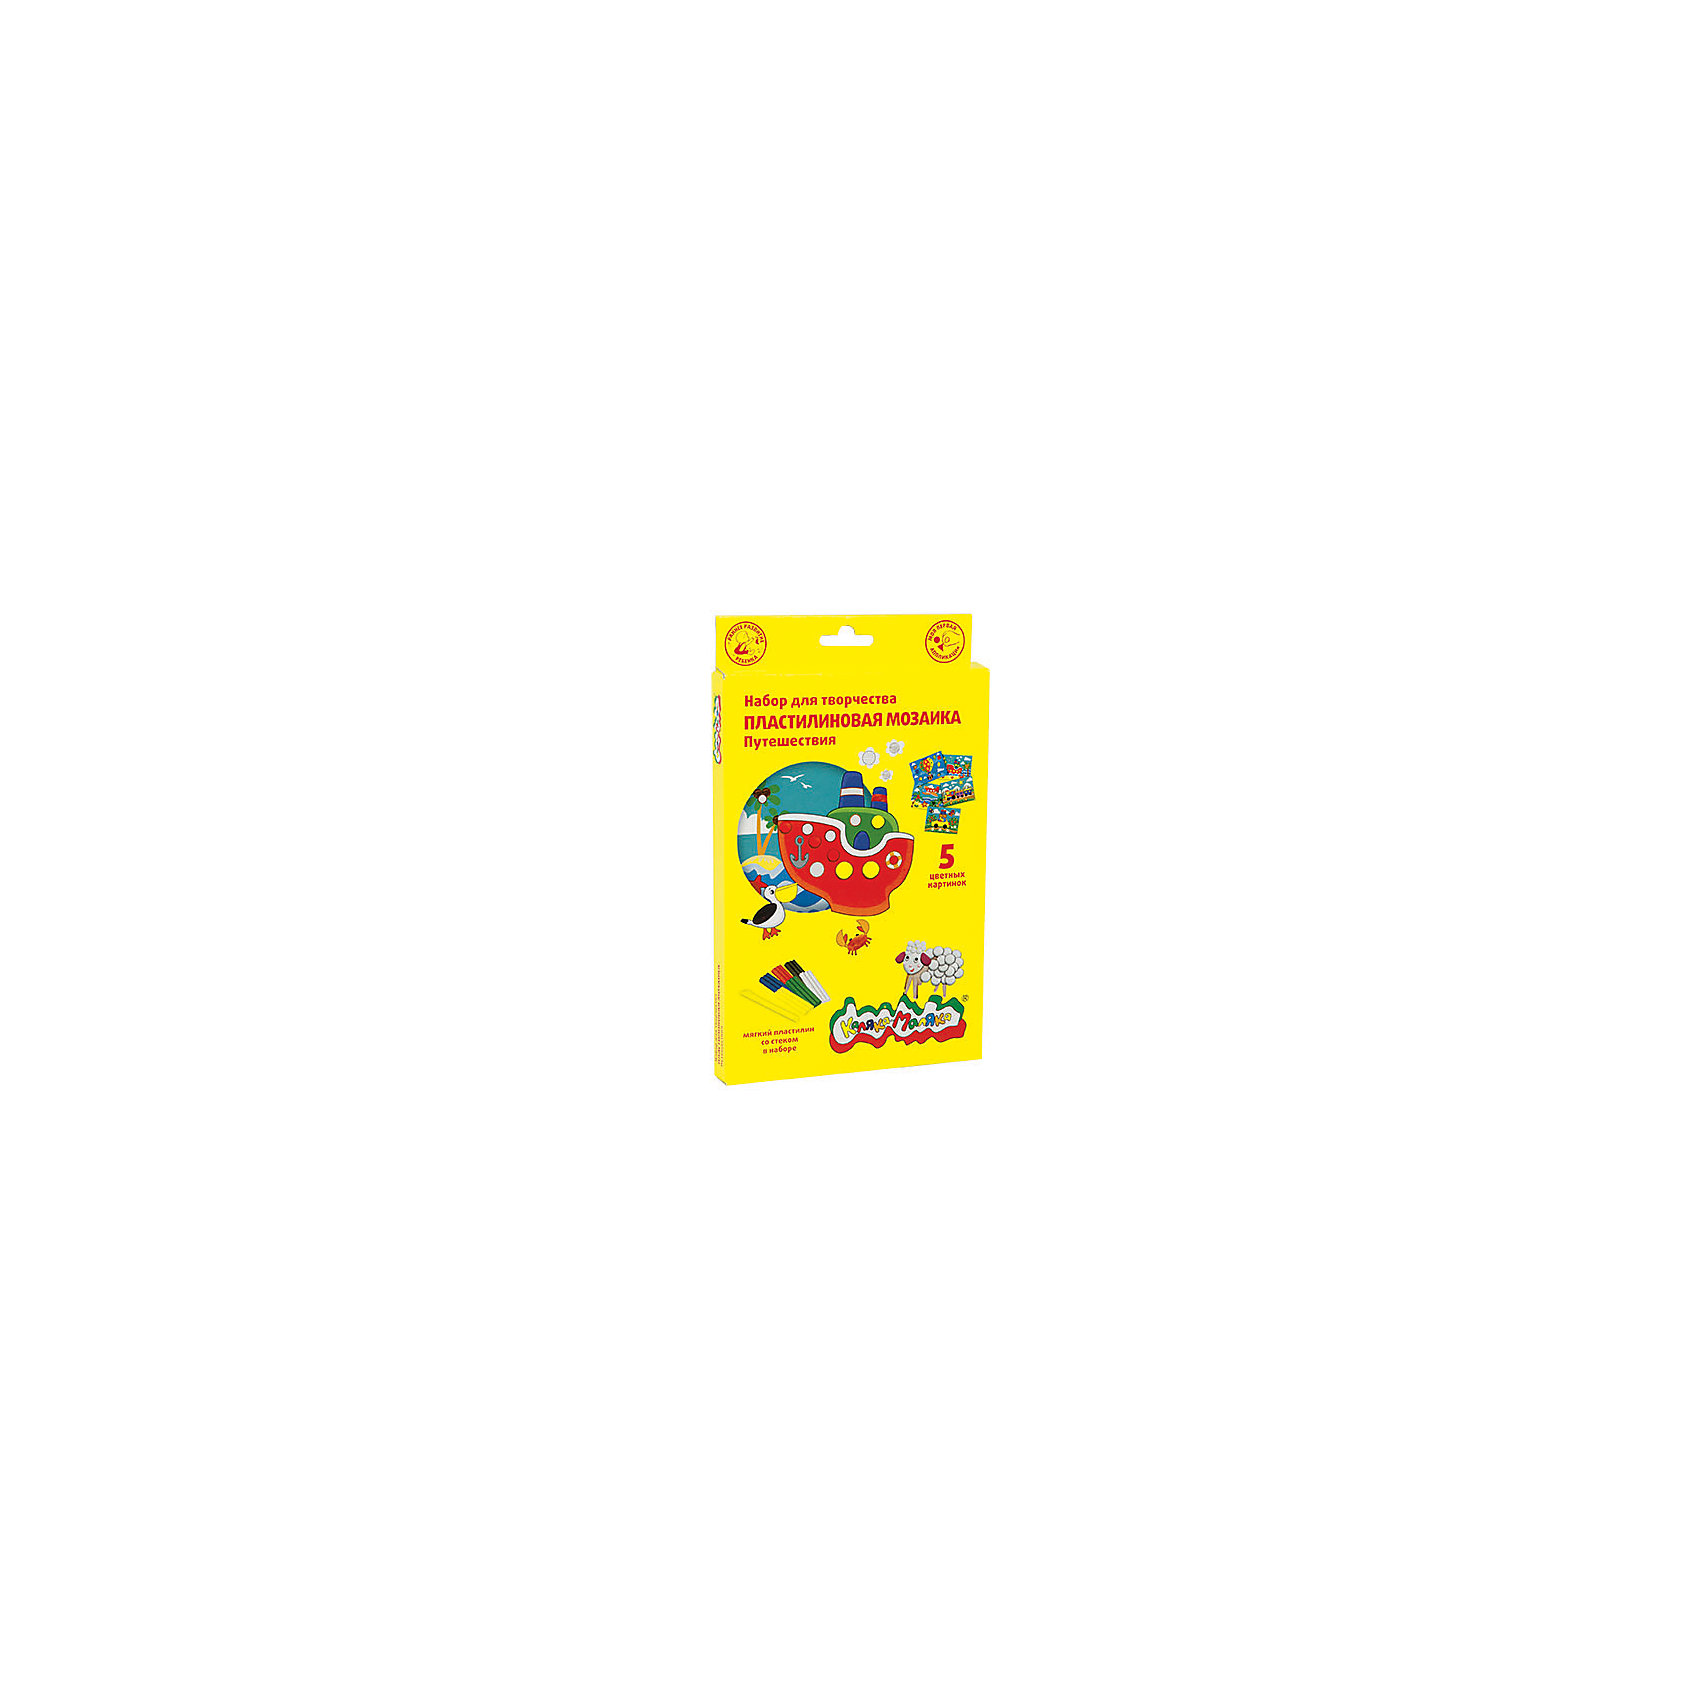 Пластилиновая мозаика 6 цветов Путешествия, Каляка-МалякаЛепка<br>Пластилиновая мозаика 6 цветов Путешествия, Каляка-Маляка.<br><br>Характеристики:<br><br>• Для детей в возрасте: от 3 до 7 лет<br>• В наборе: 5 картинок, мягкий пластилин 6 цветов, стек<br>• Упаковка: картонная коробка<br>• Размер упаковки: 15,5 х 25 х 2 см.<br><br>Малыши обожают играть с пластилином, но их пальчики еще не готовы к тому, чтобы создавать большие пластилиновые картины. Поэтому первой ступенью в занятиях пластилином является именно пластилиновая мозаика. Набор пластилиновой мозаики Путешествия - это целых 5 ярких картинок и мягкий пластилин 6 цветов со стеком. <br><br>На картинках часть деталей оставлена не закрашенной. Малышу нужно будет заполнить пластилином кружочки, капельки, полоски. В процессе игры дети научатся раскатывать, сплющивать пластилин, размазывать его пальчиками по картинке, смешивать цвета. В набор вложен пластилин с особенной мягкой текстурой - ребенку будет очень легко и приятно с ним работать. Картинки выполнены на плотном картоне - готовую работу можно будет поставить на полку, чтобы малыш гордился своей поделкой!<br><br>Пластилиновую мозаику 6 цветов Путешествия, Каляка-Маляка можно купить в нашем интернет-магазине.<br><br>Ширина мм: 155<br>Глубина мм: 225<br>Высота мм: 200<br>Вес г: 150<br>Возраст от месяцев: 36<br>Возраст до месяцев: 84<br>Пол: Унисекс<br>Возраст: Детский<br>SKU: 5562960